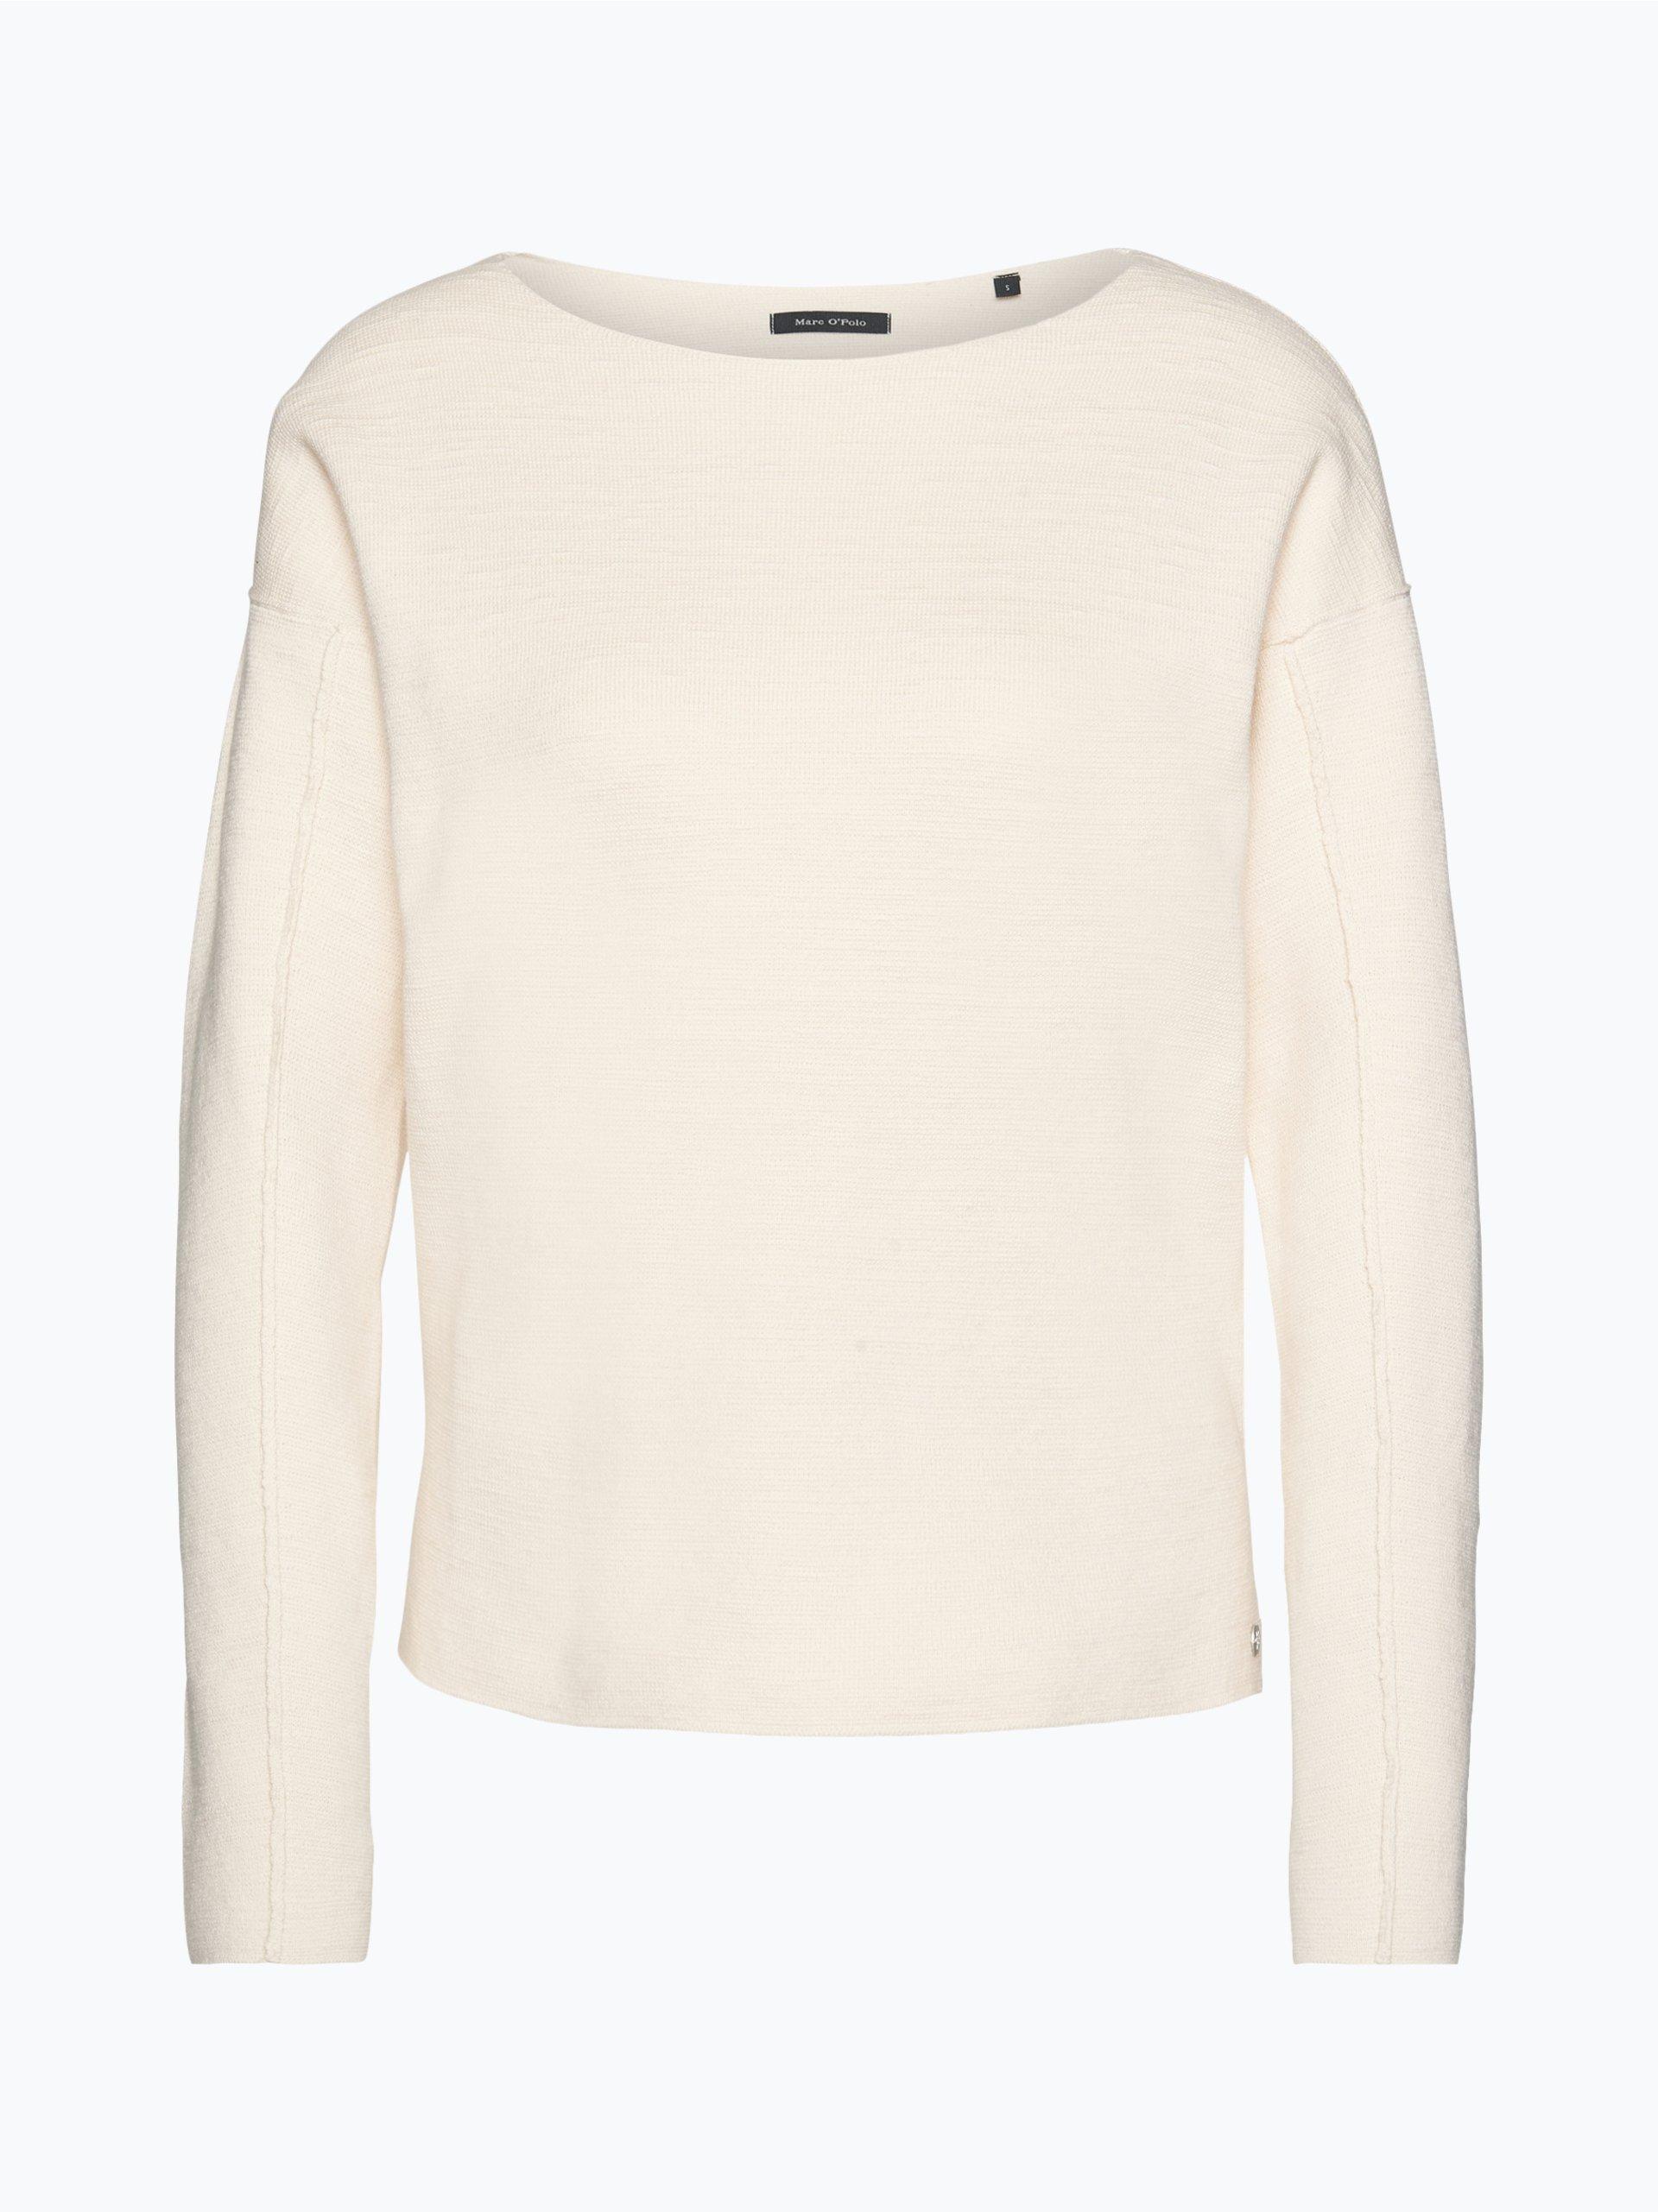 Marc O'Polo Damen Pullover